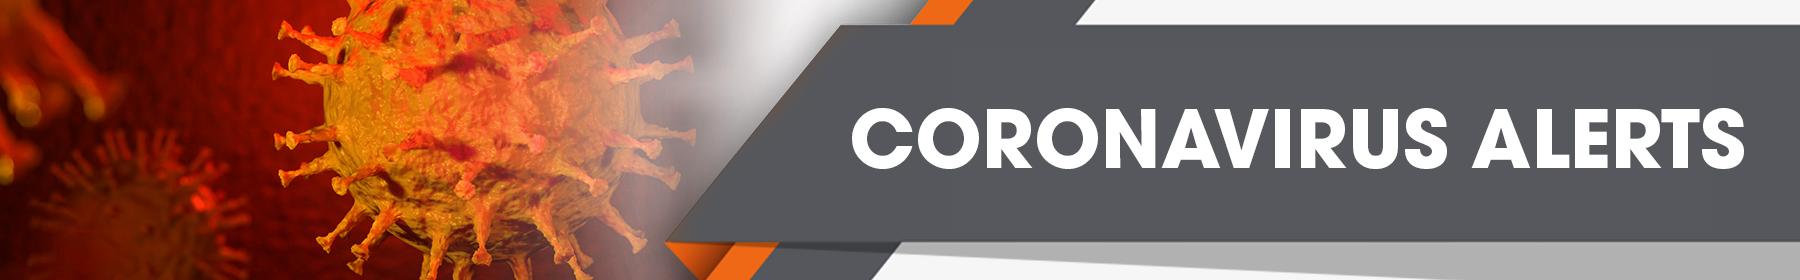 Coronavirus Alerts